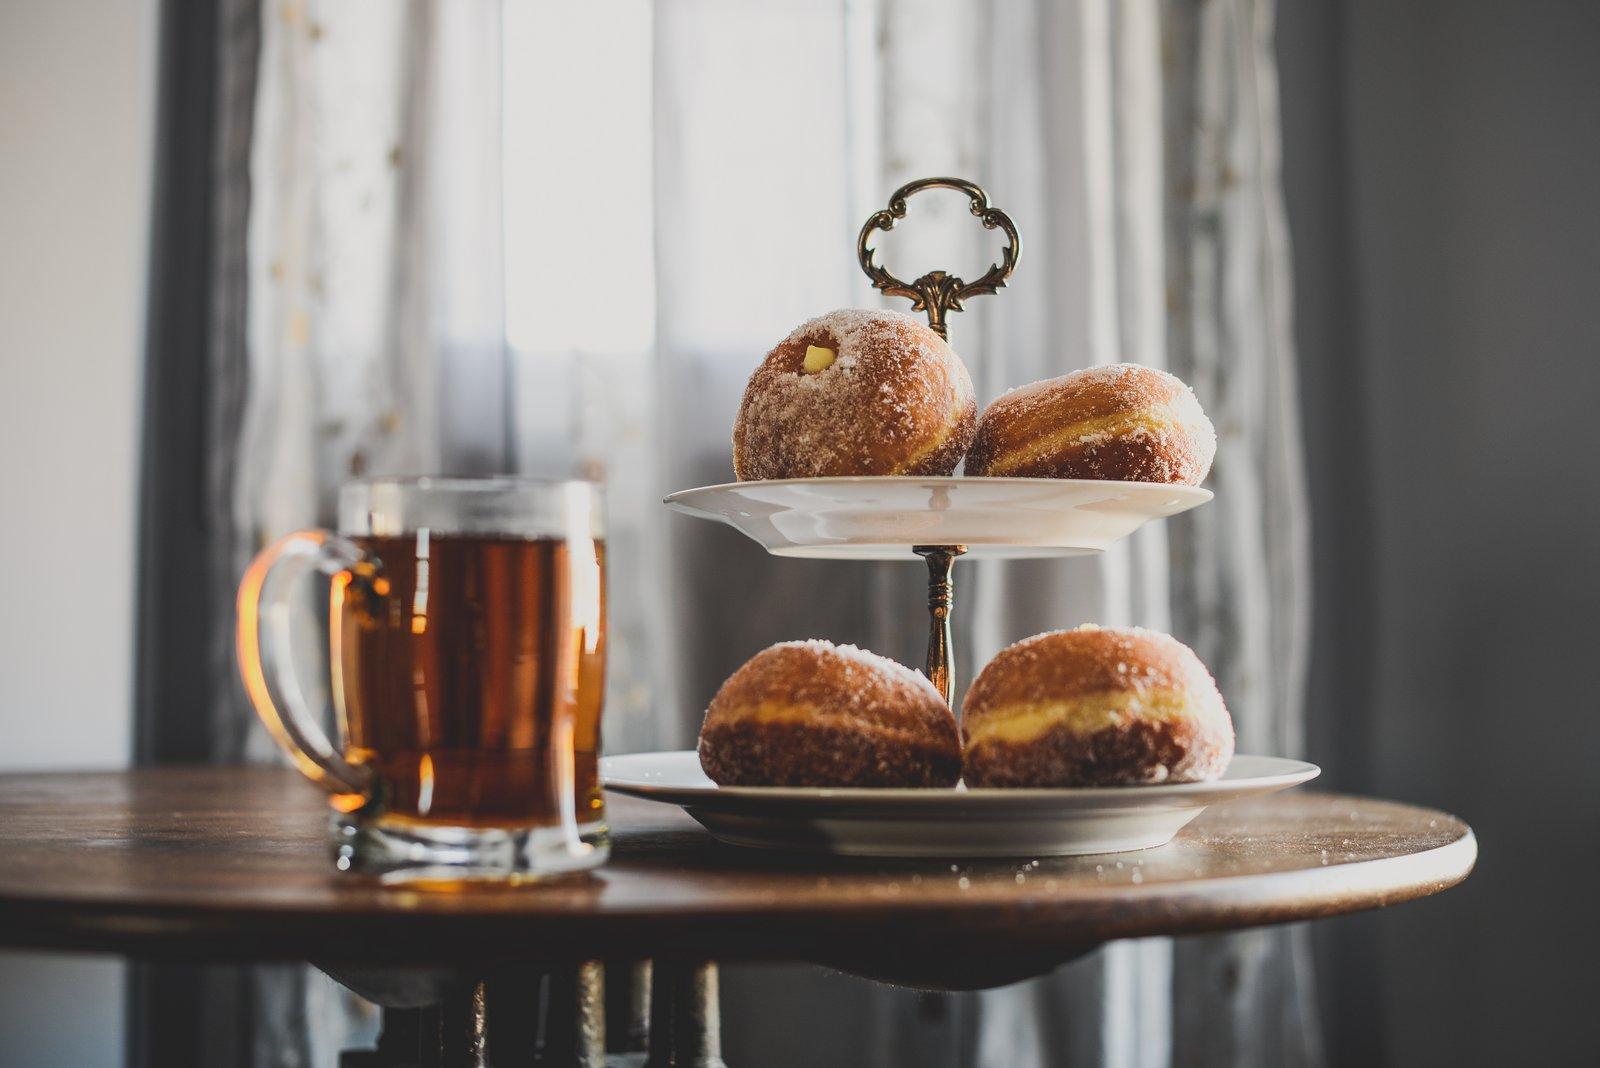 tea and doughnuts